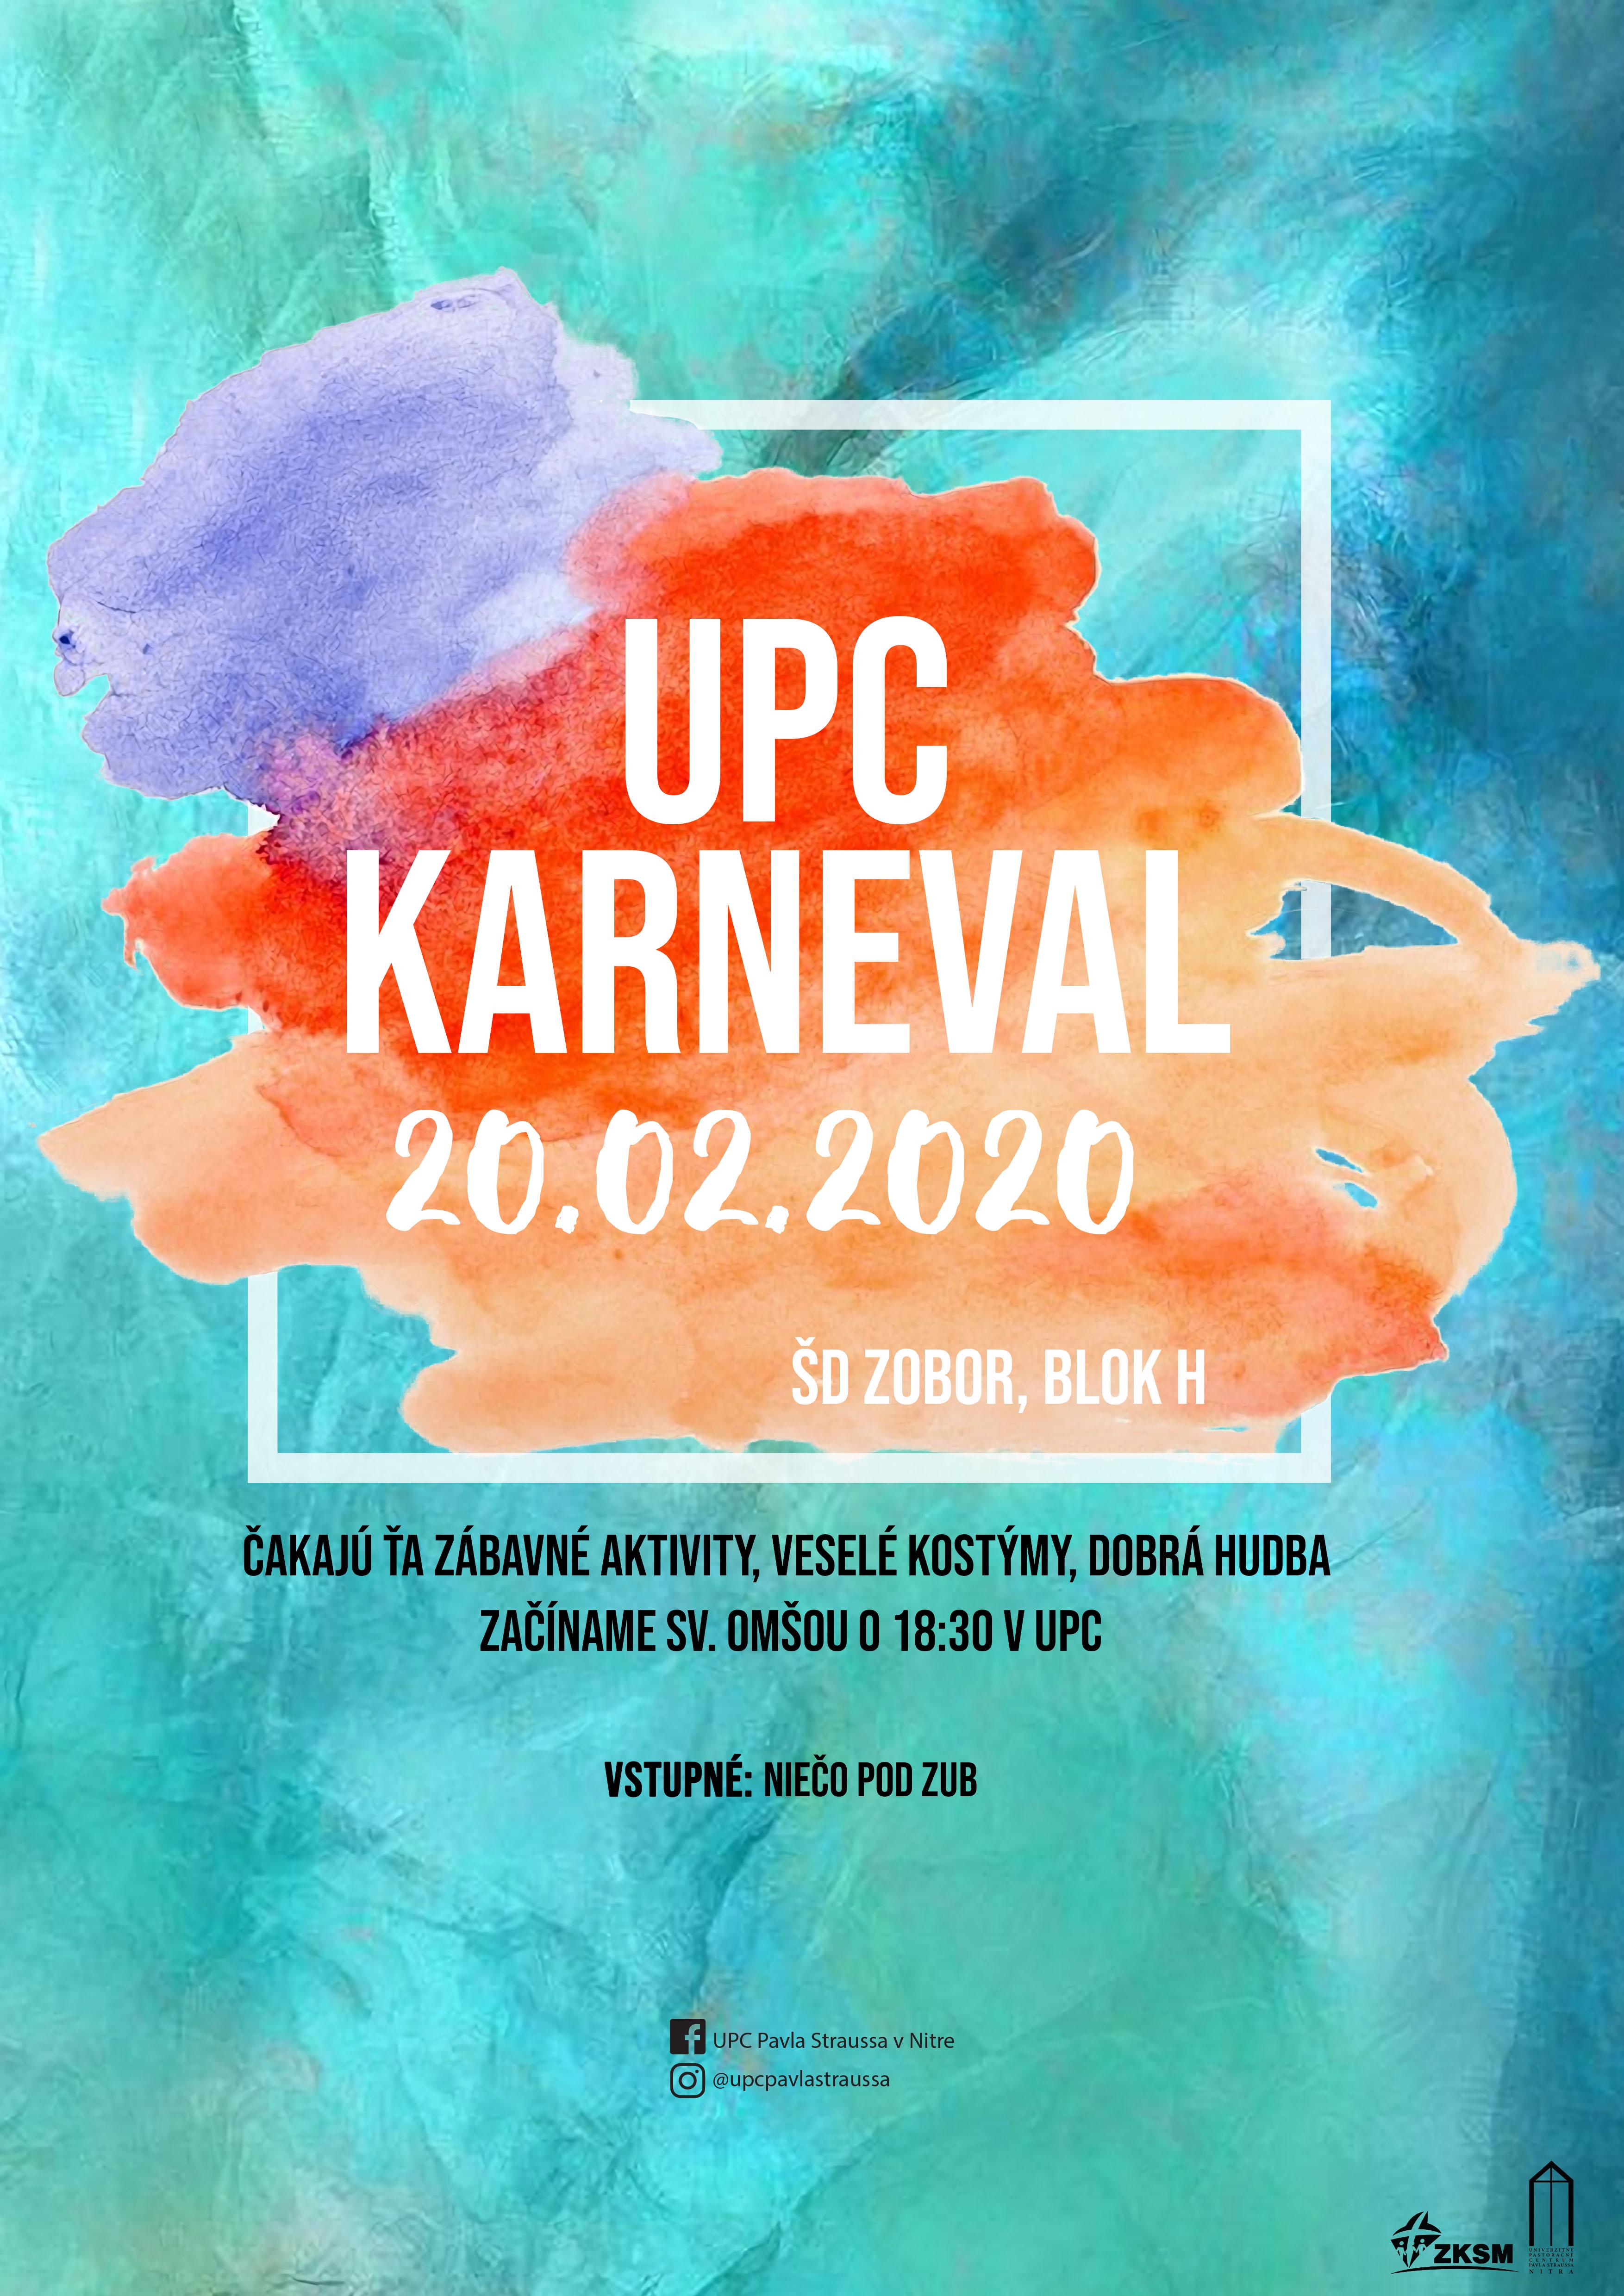 UPC Karneval 2020